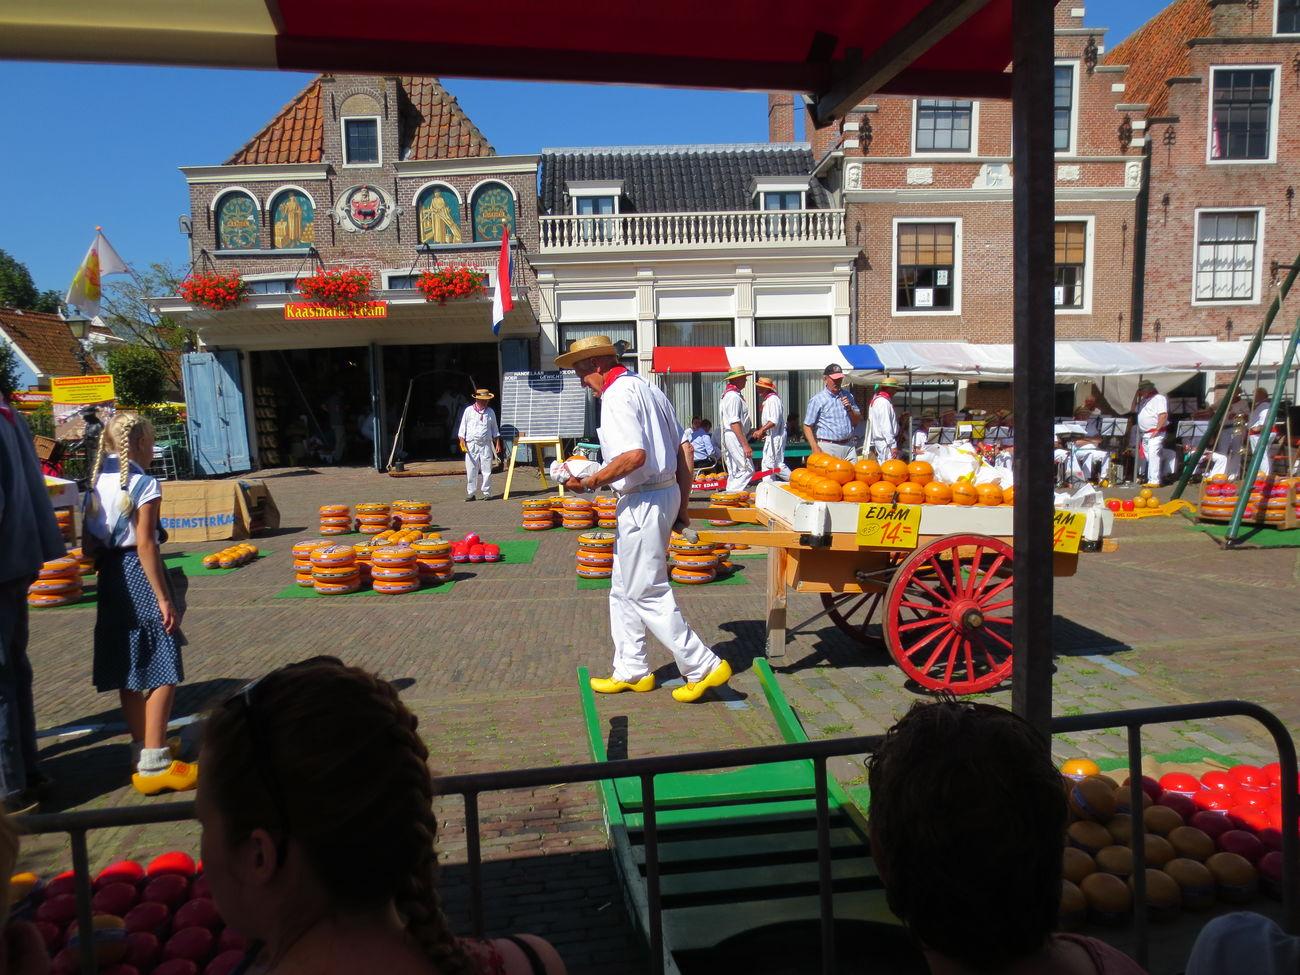 Viendo el Espectaculo del Queso en el Pueblo de Edan en Holanda